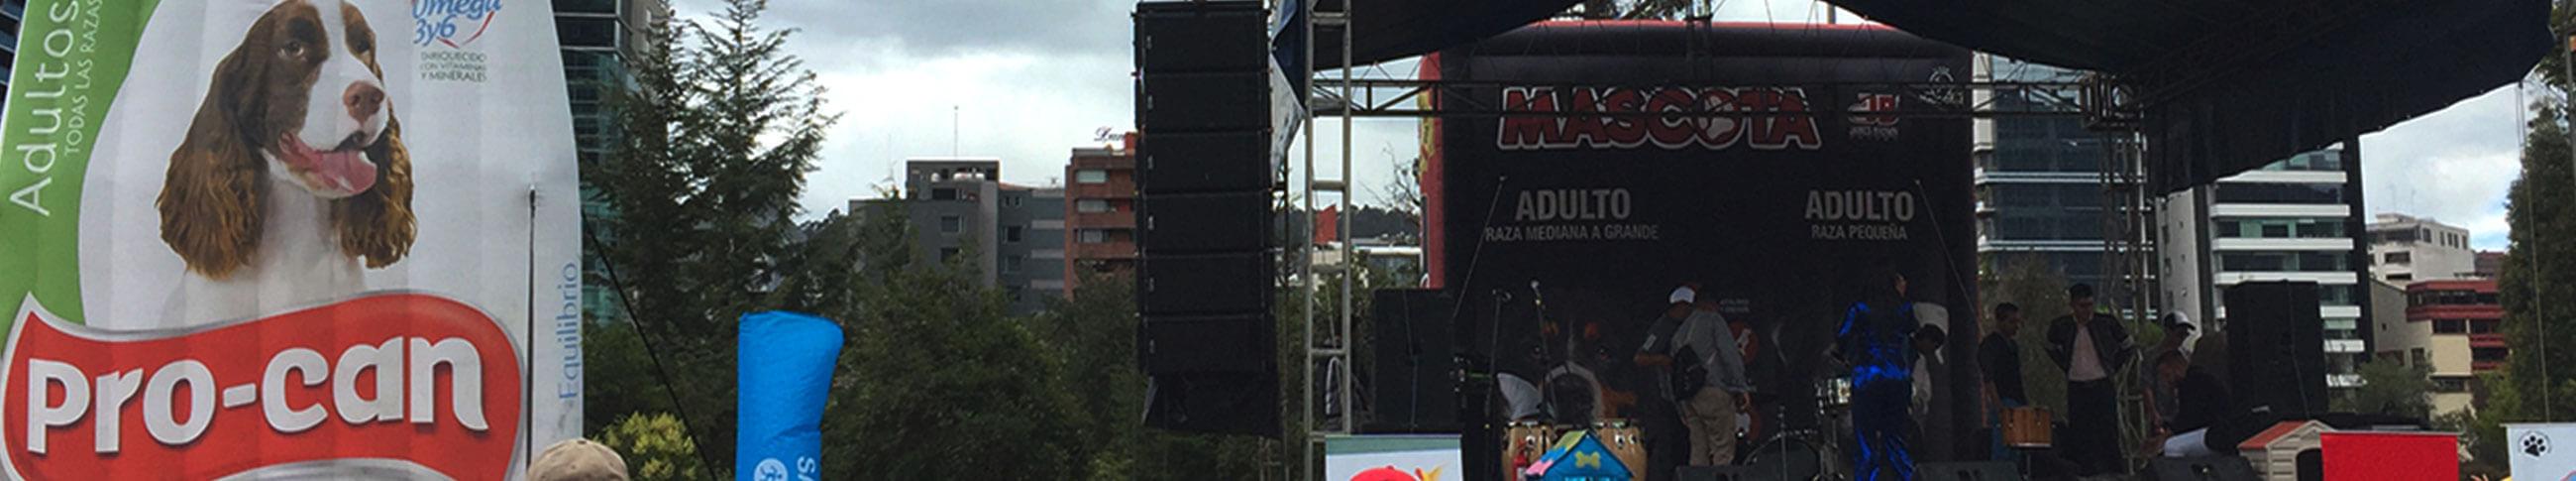 Perritos adpotados ExpoMundo 2019